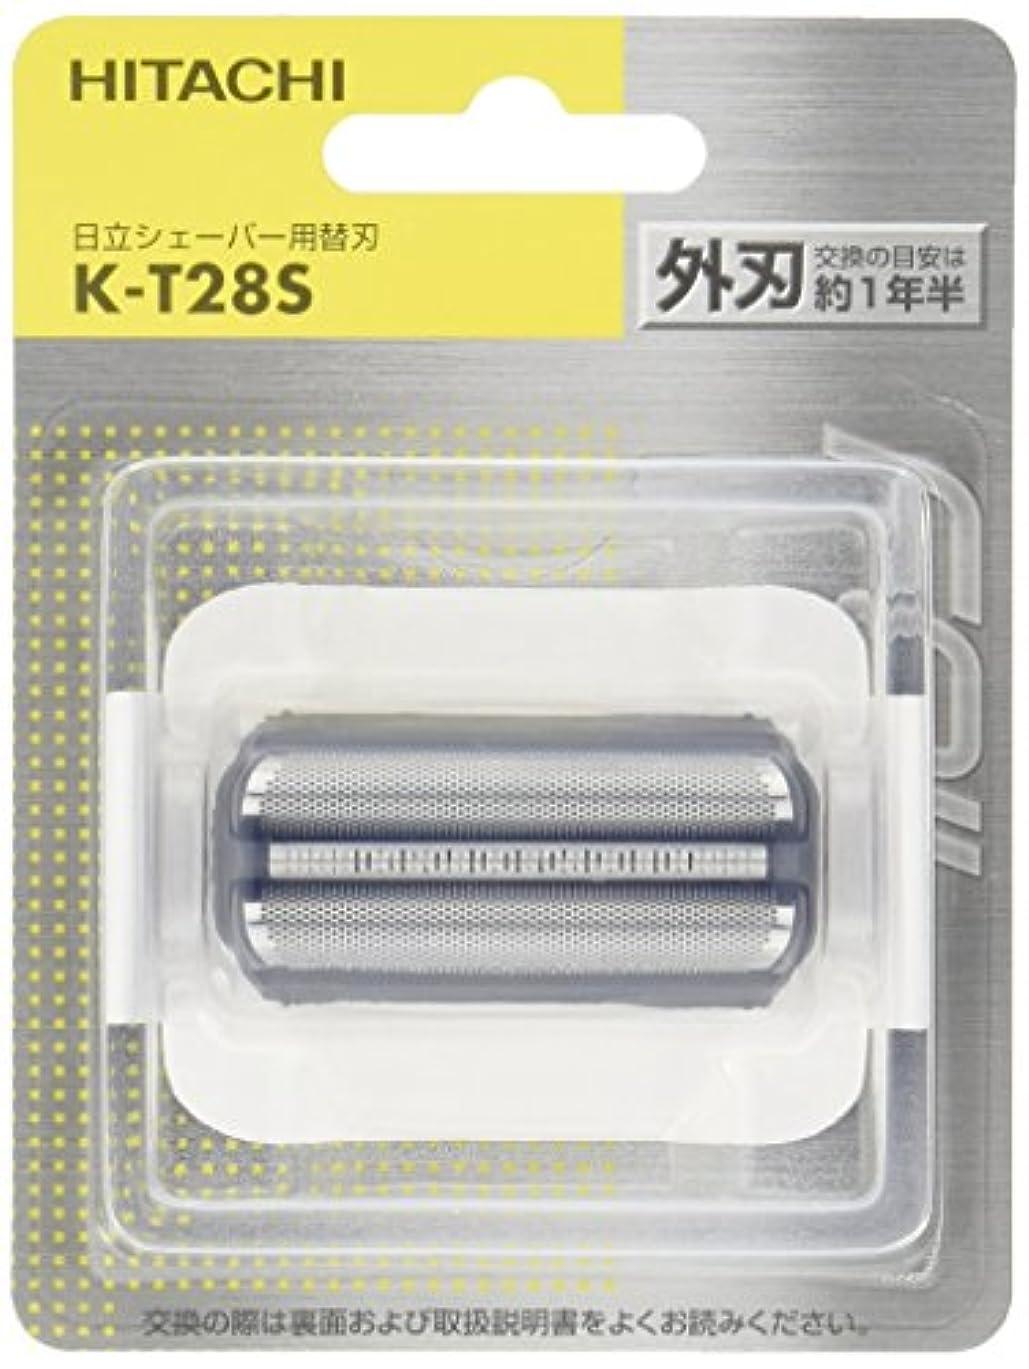 はぁワーディアンケースセンチメンタル日立 替刃 外刃 K-T28S